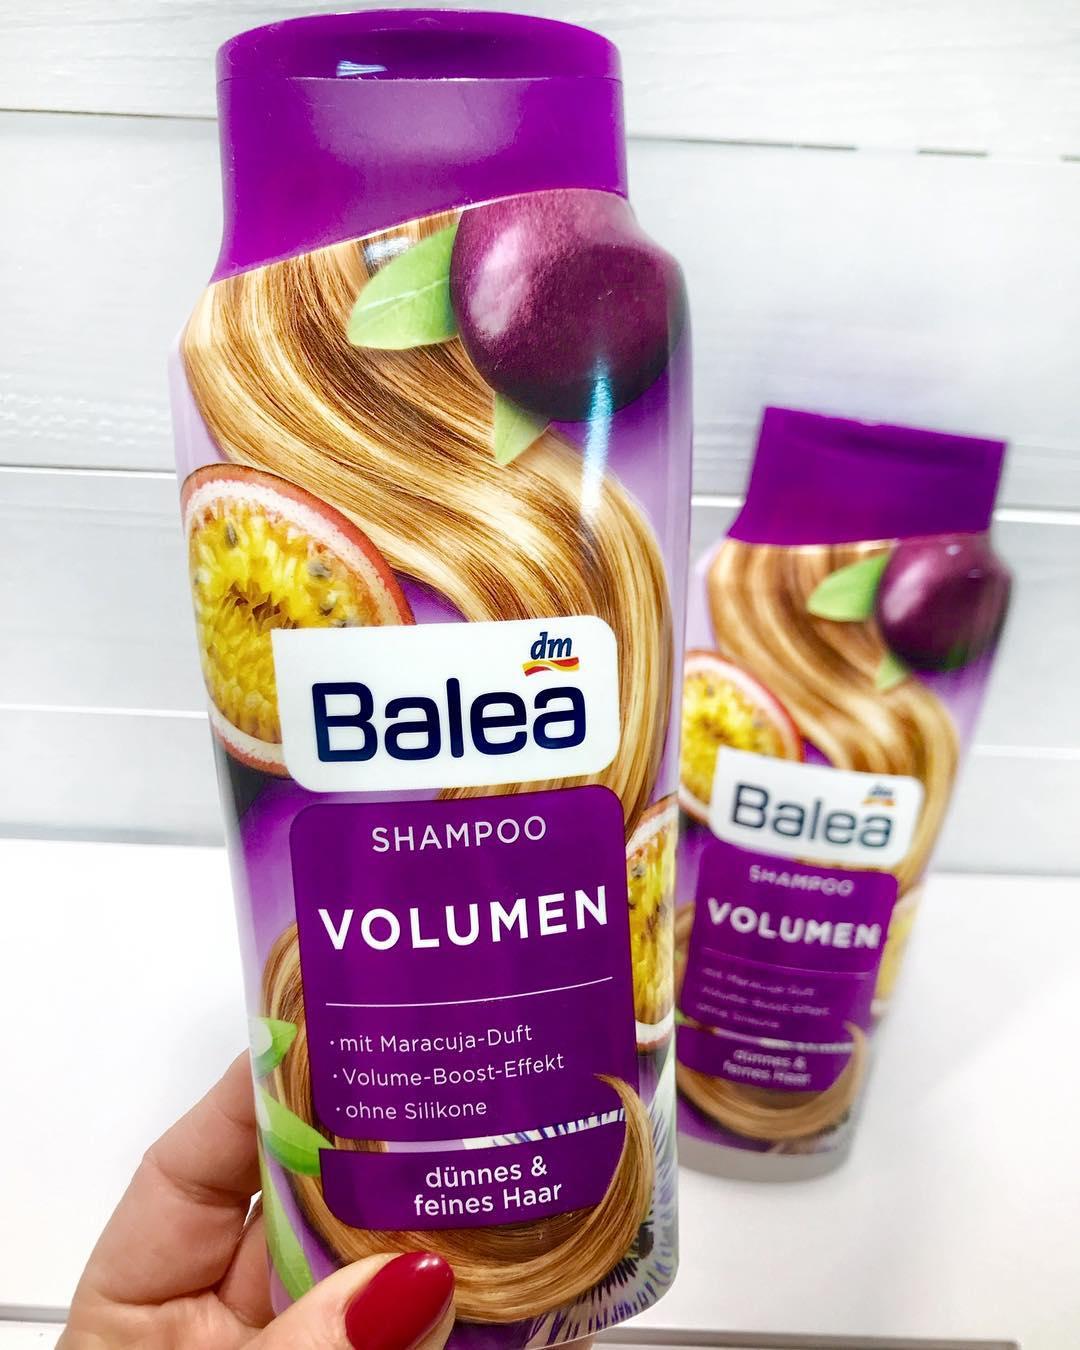 Dầu gội Balea phồng tóc hương chanh leo